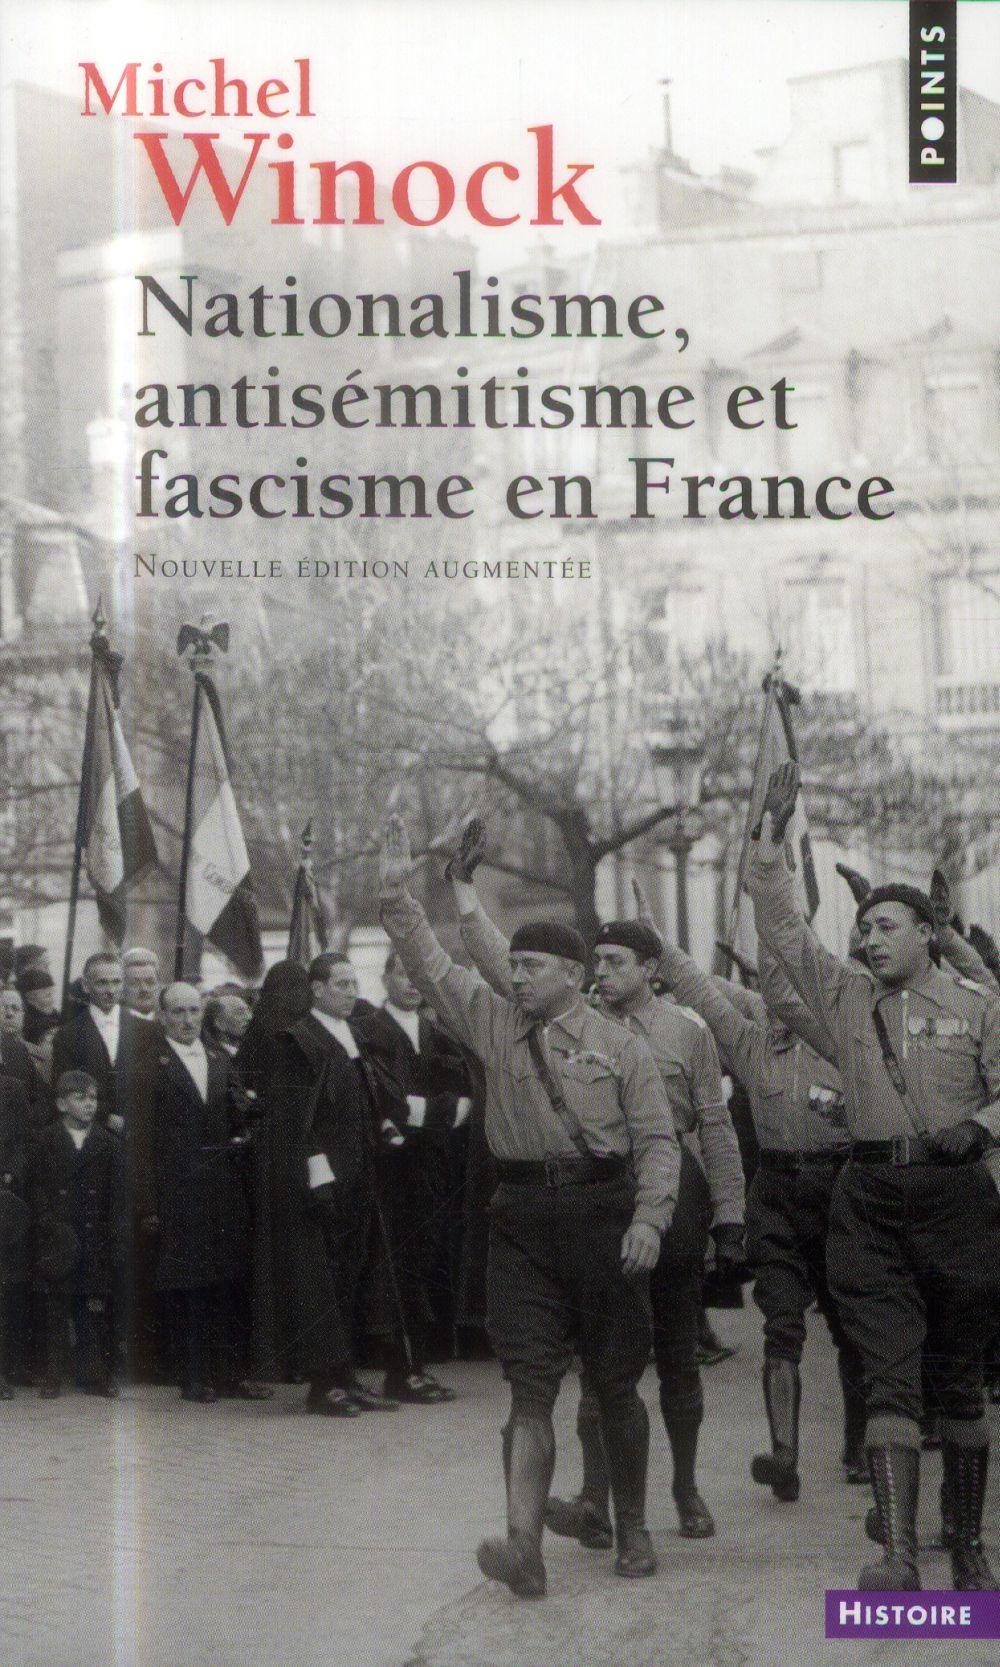 NATIONALISME, ANTISEMITISME ET FASCISME EN FRANCE